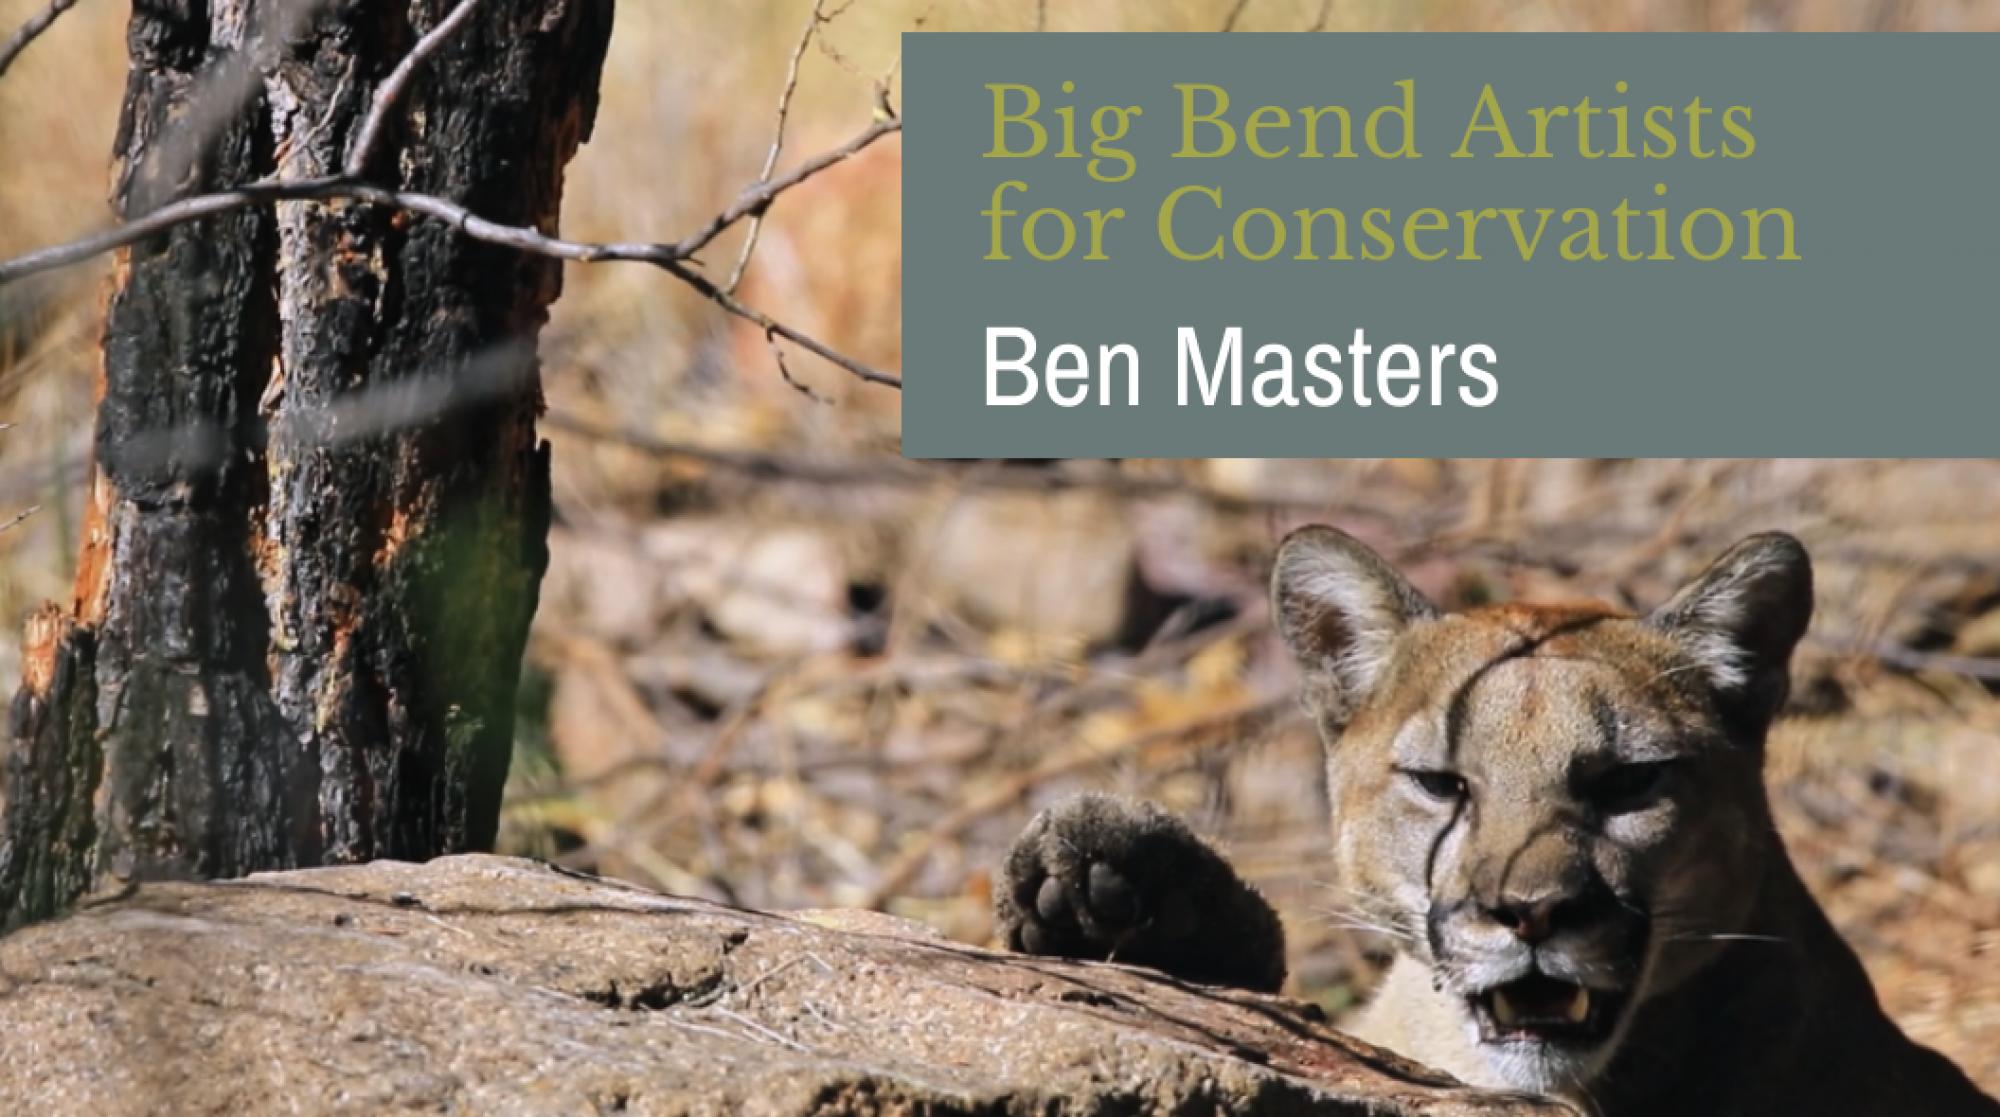 Artists Banner - Ben Masters